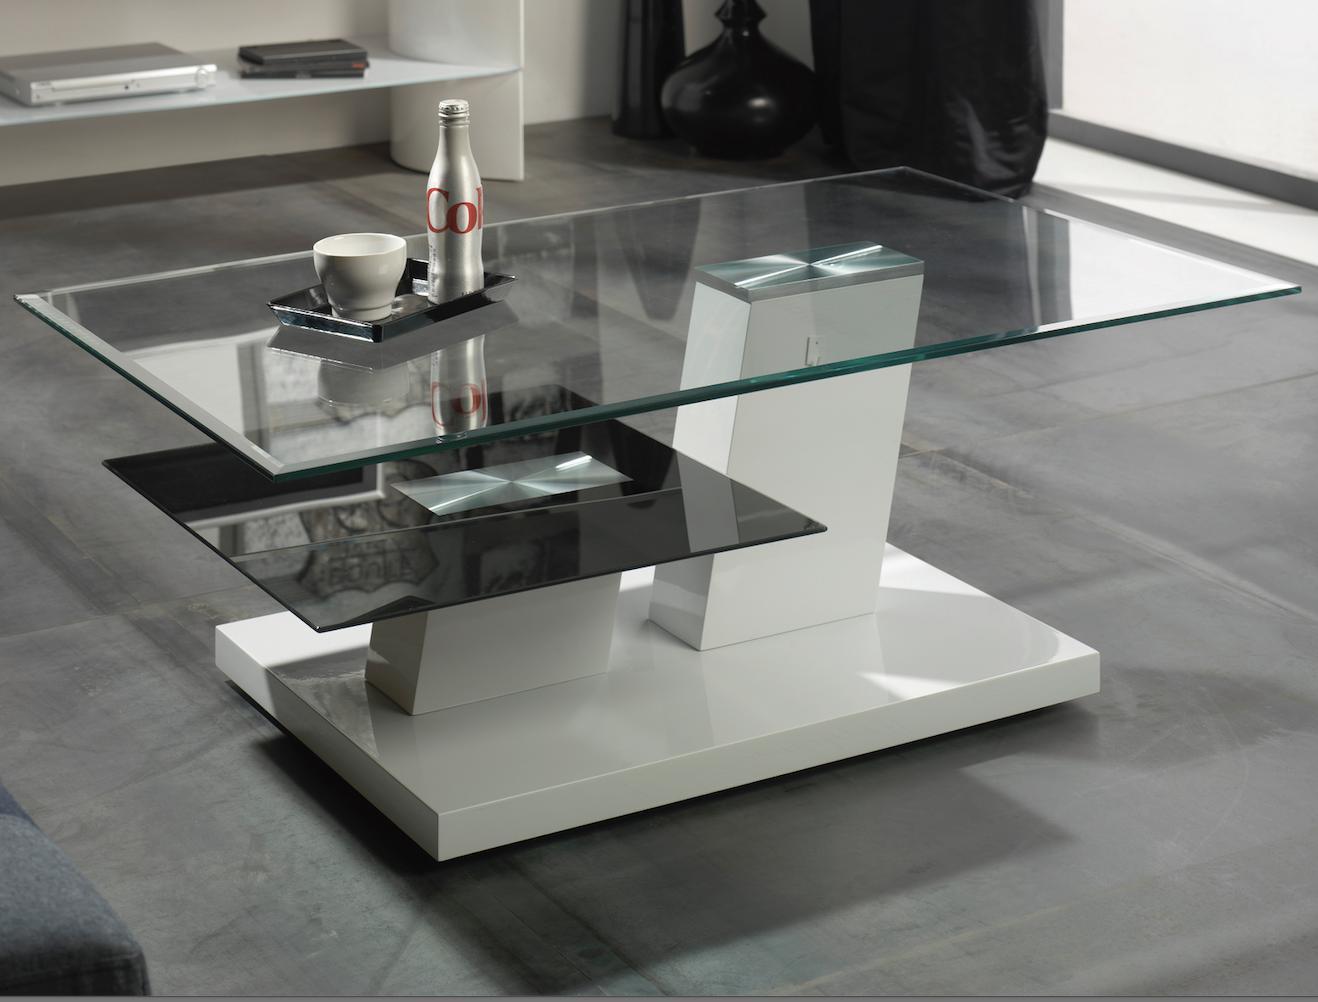 Table basse laqu e blanche et verre tremp noir mode - Table blanche laquee ...